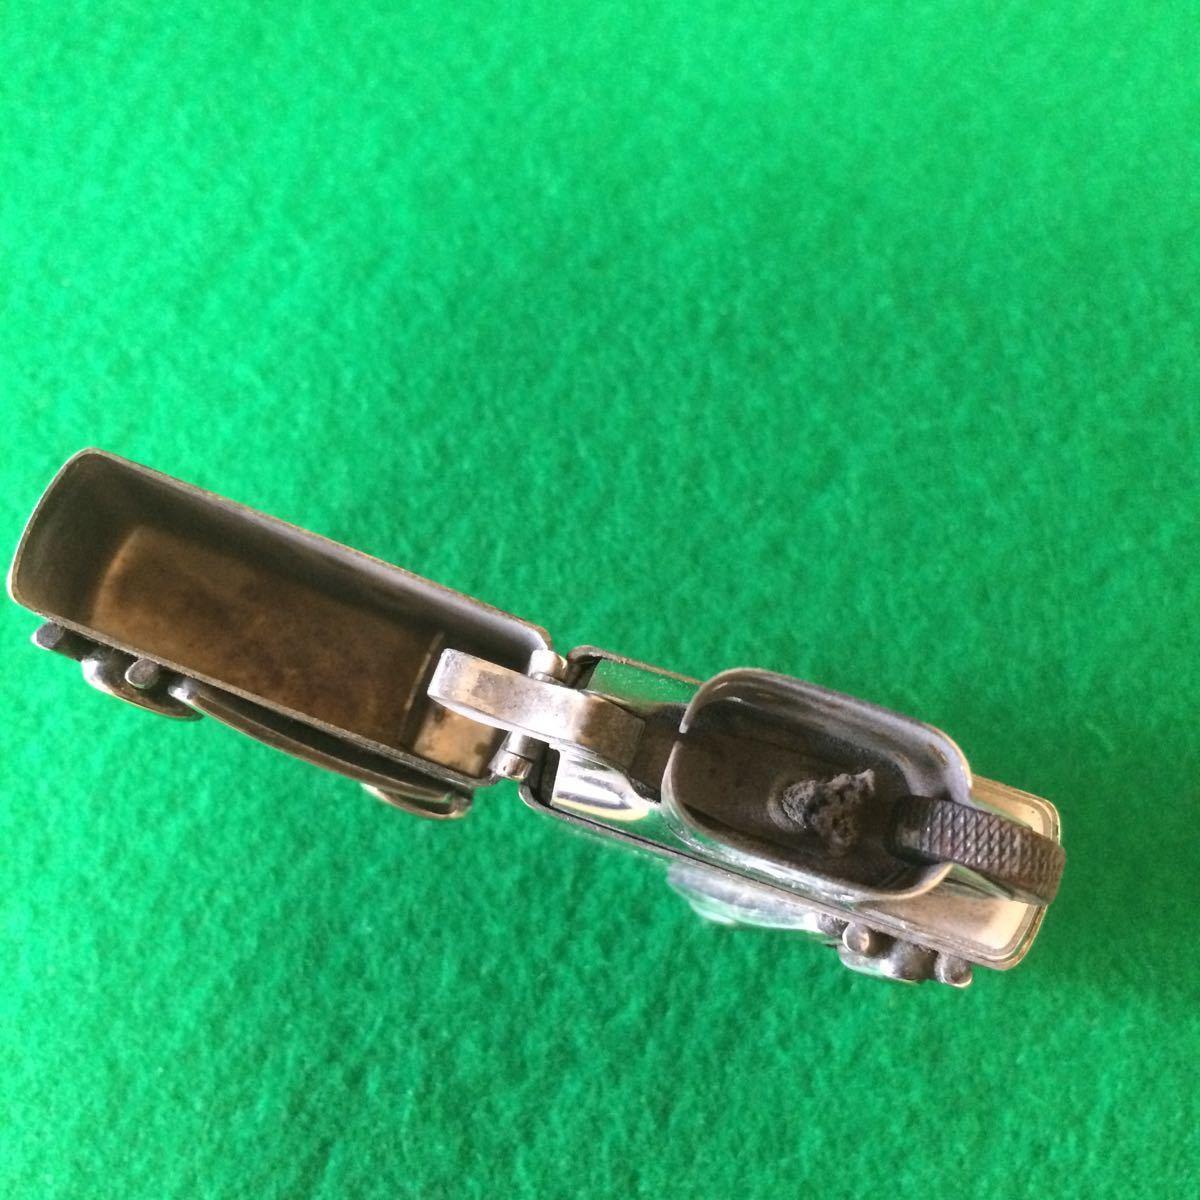 古い ビンテージ ZIPPO limited 古いジッポー ライター アンティーク コレクション レア リミテッド 希少品 NO.0871 (1)_画像9